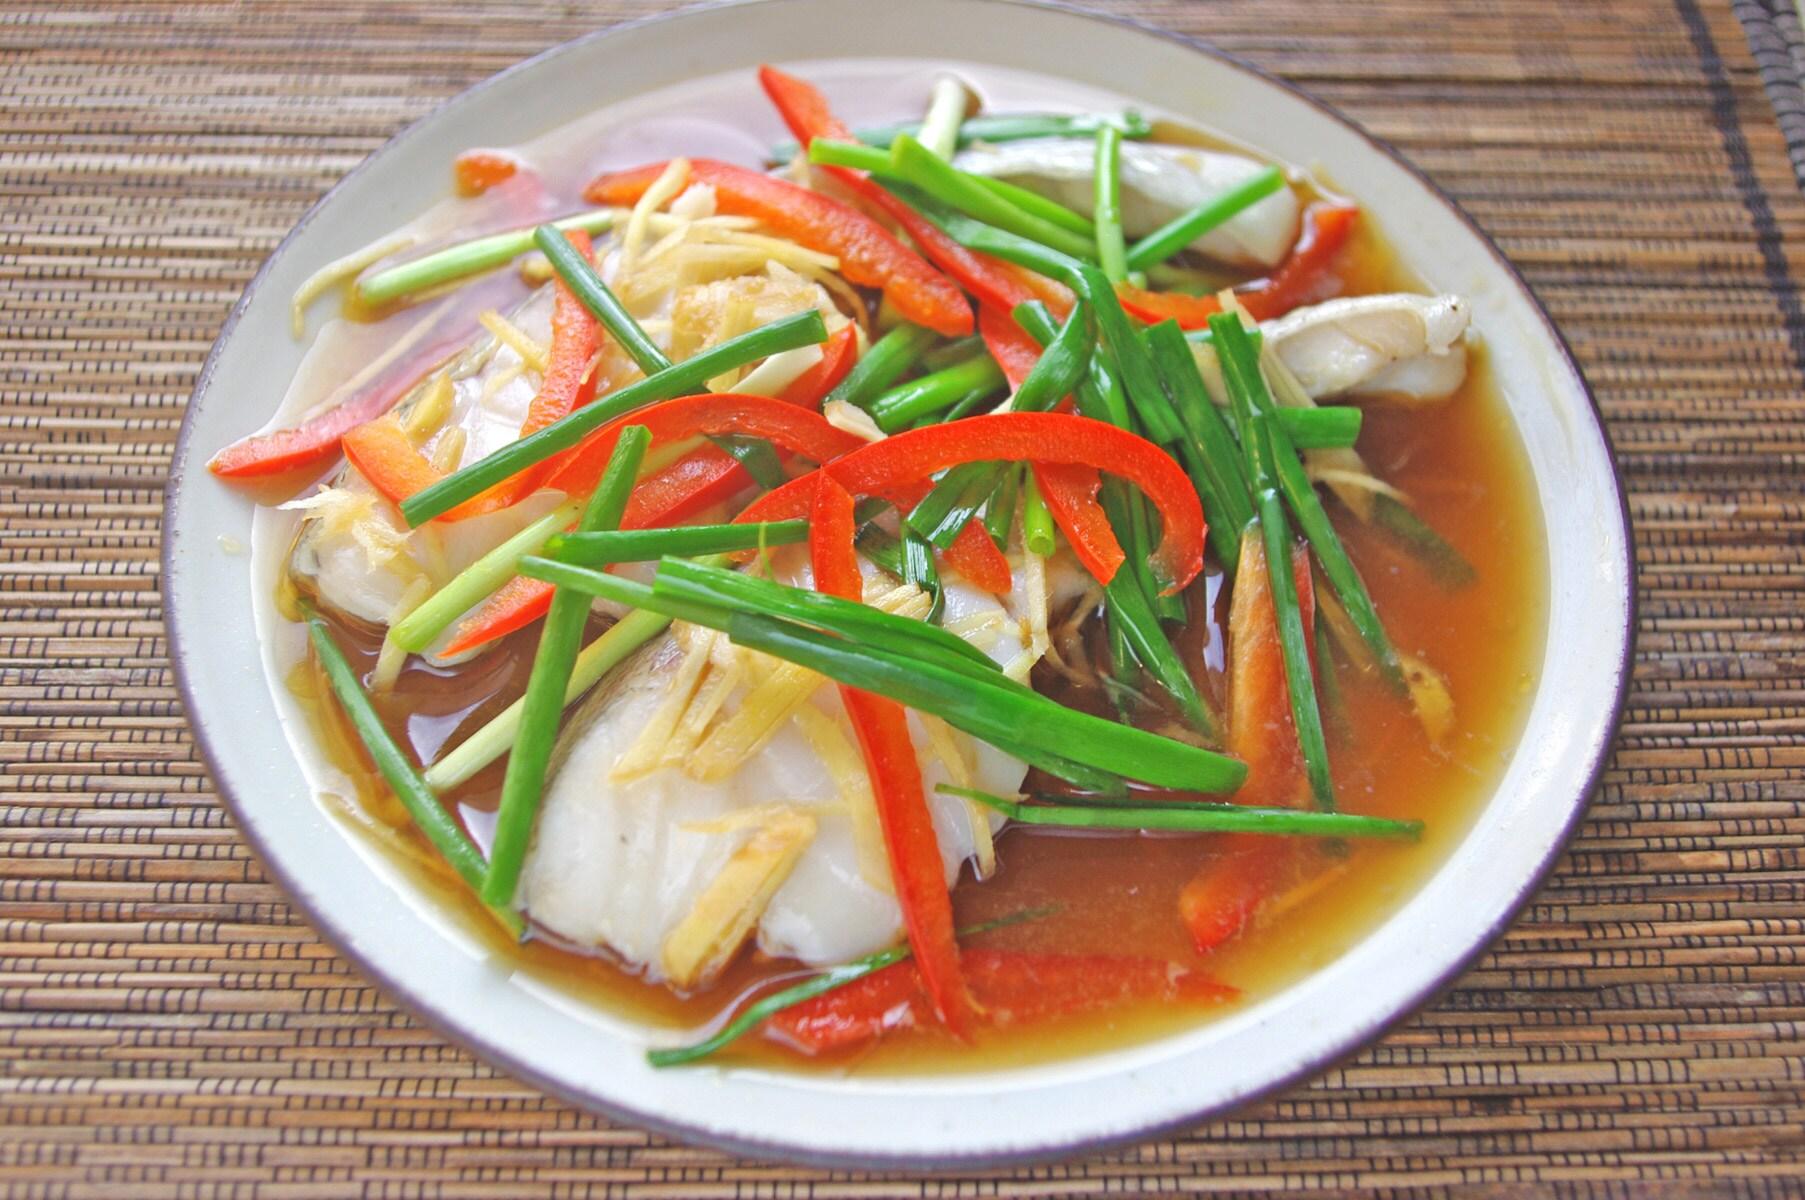 【毎日のタイ料理】電子レンジで4分調理! 白身魚の醤油蒸し